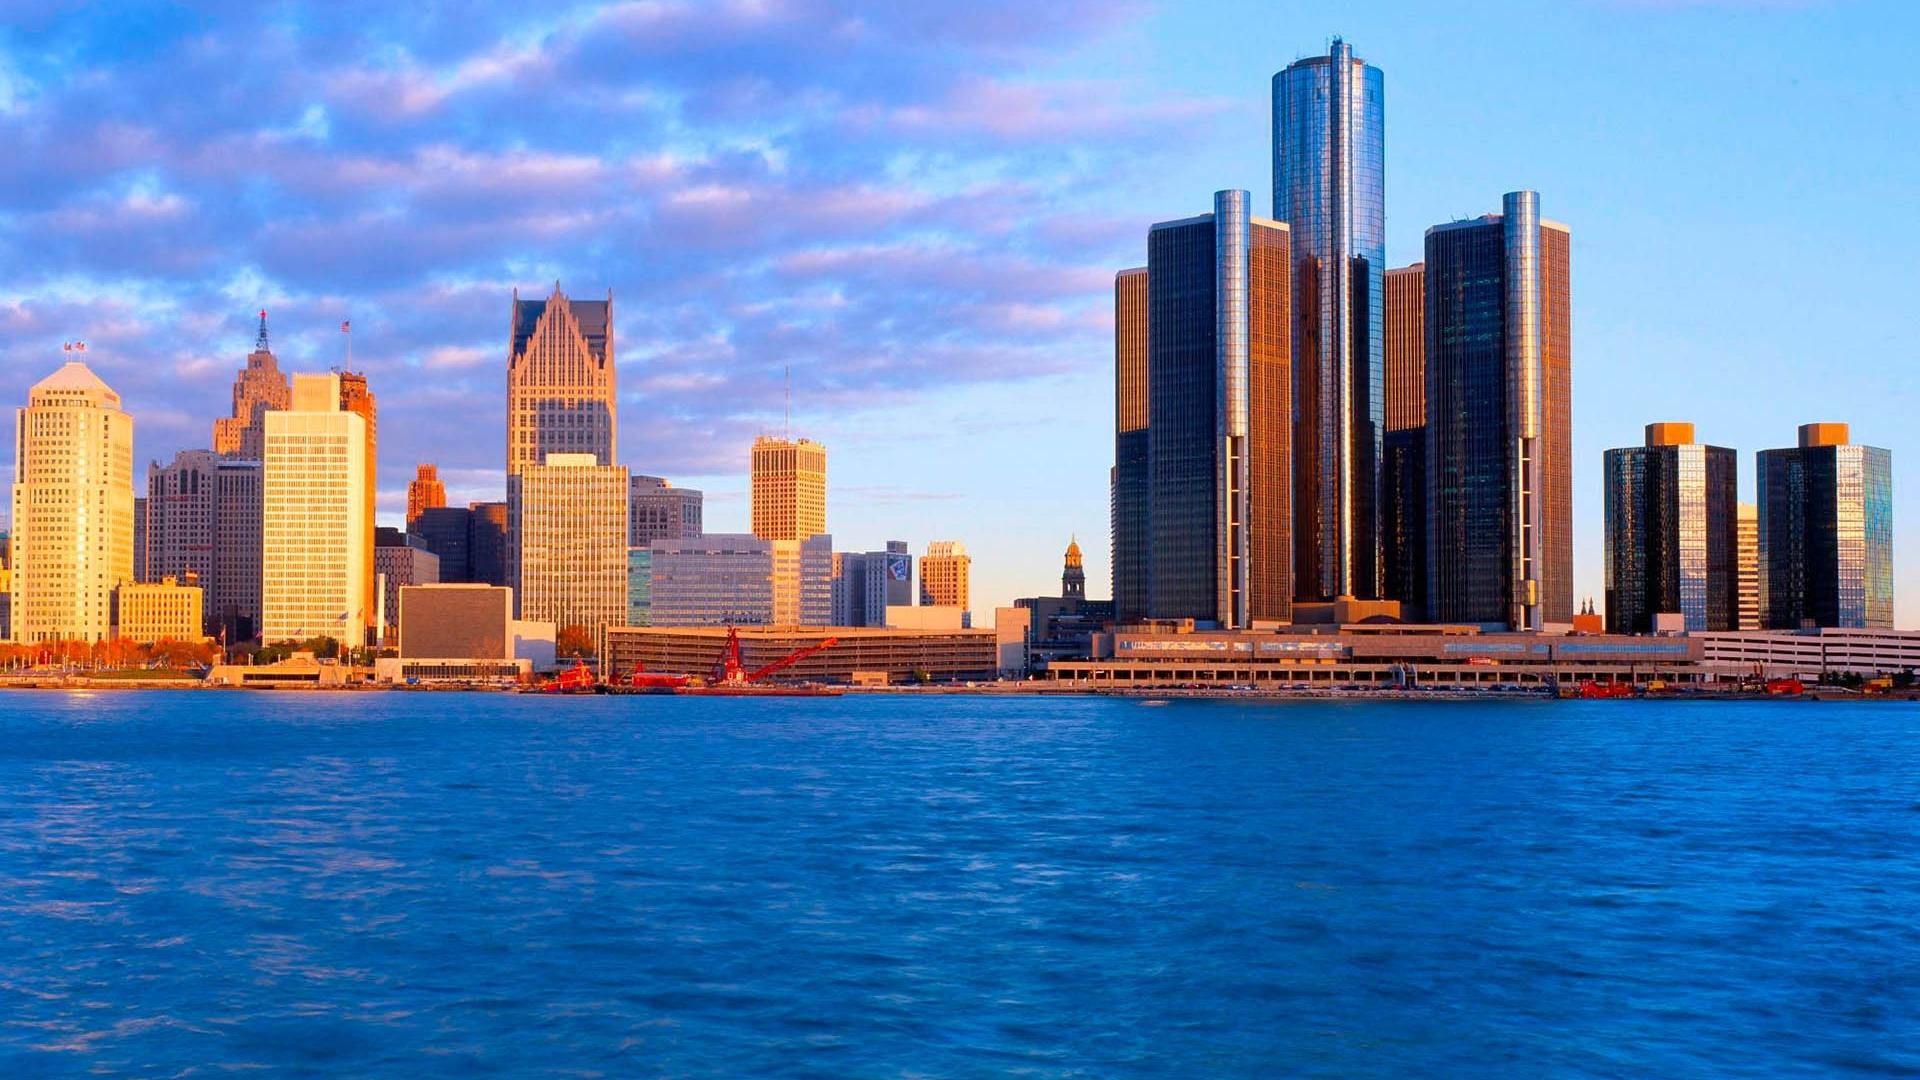 Detroit Wallpaper 10   1920 X 1080 stmednet 1920x1080